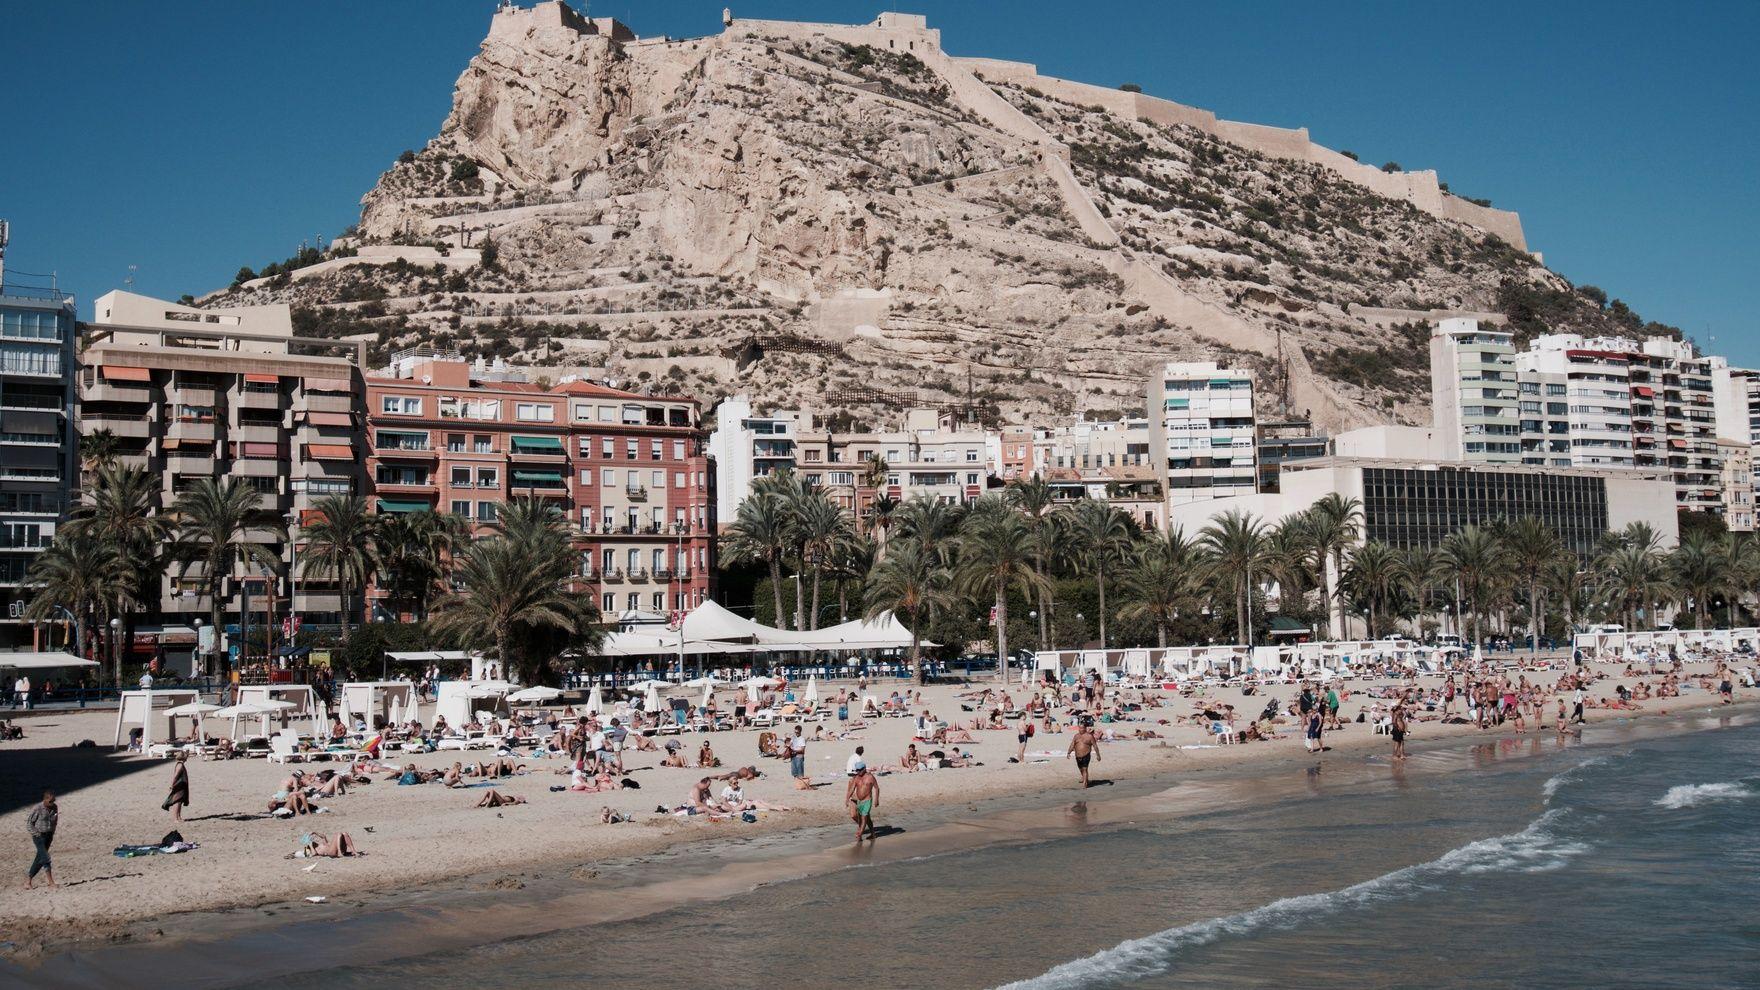 Mile building Alicante — Cagliari